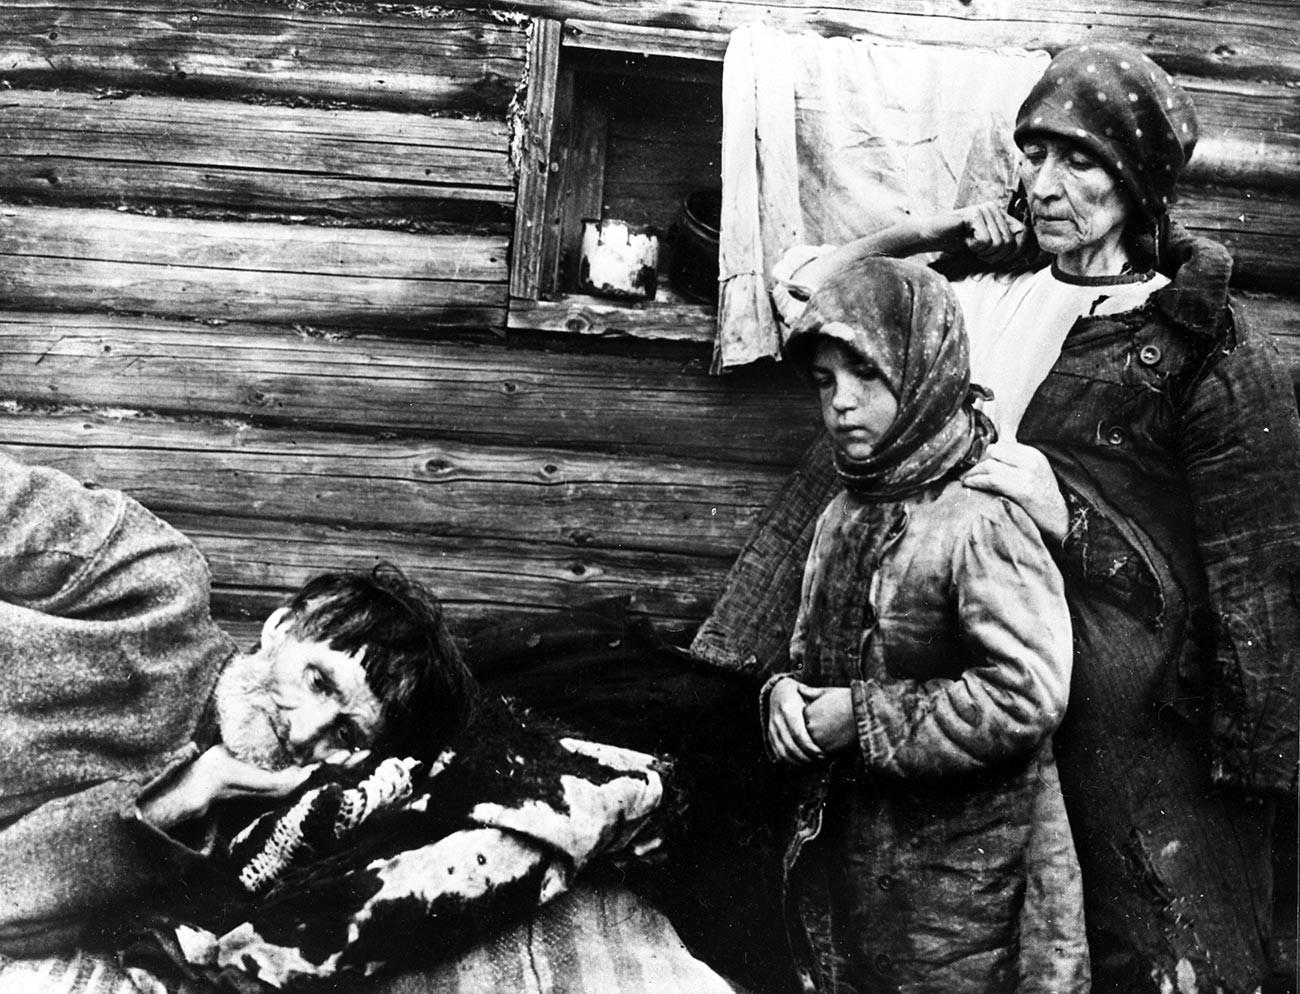 Семья голодающих в Поволжье, 1921 год.